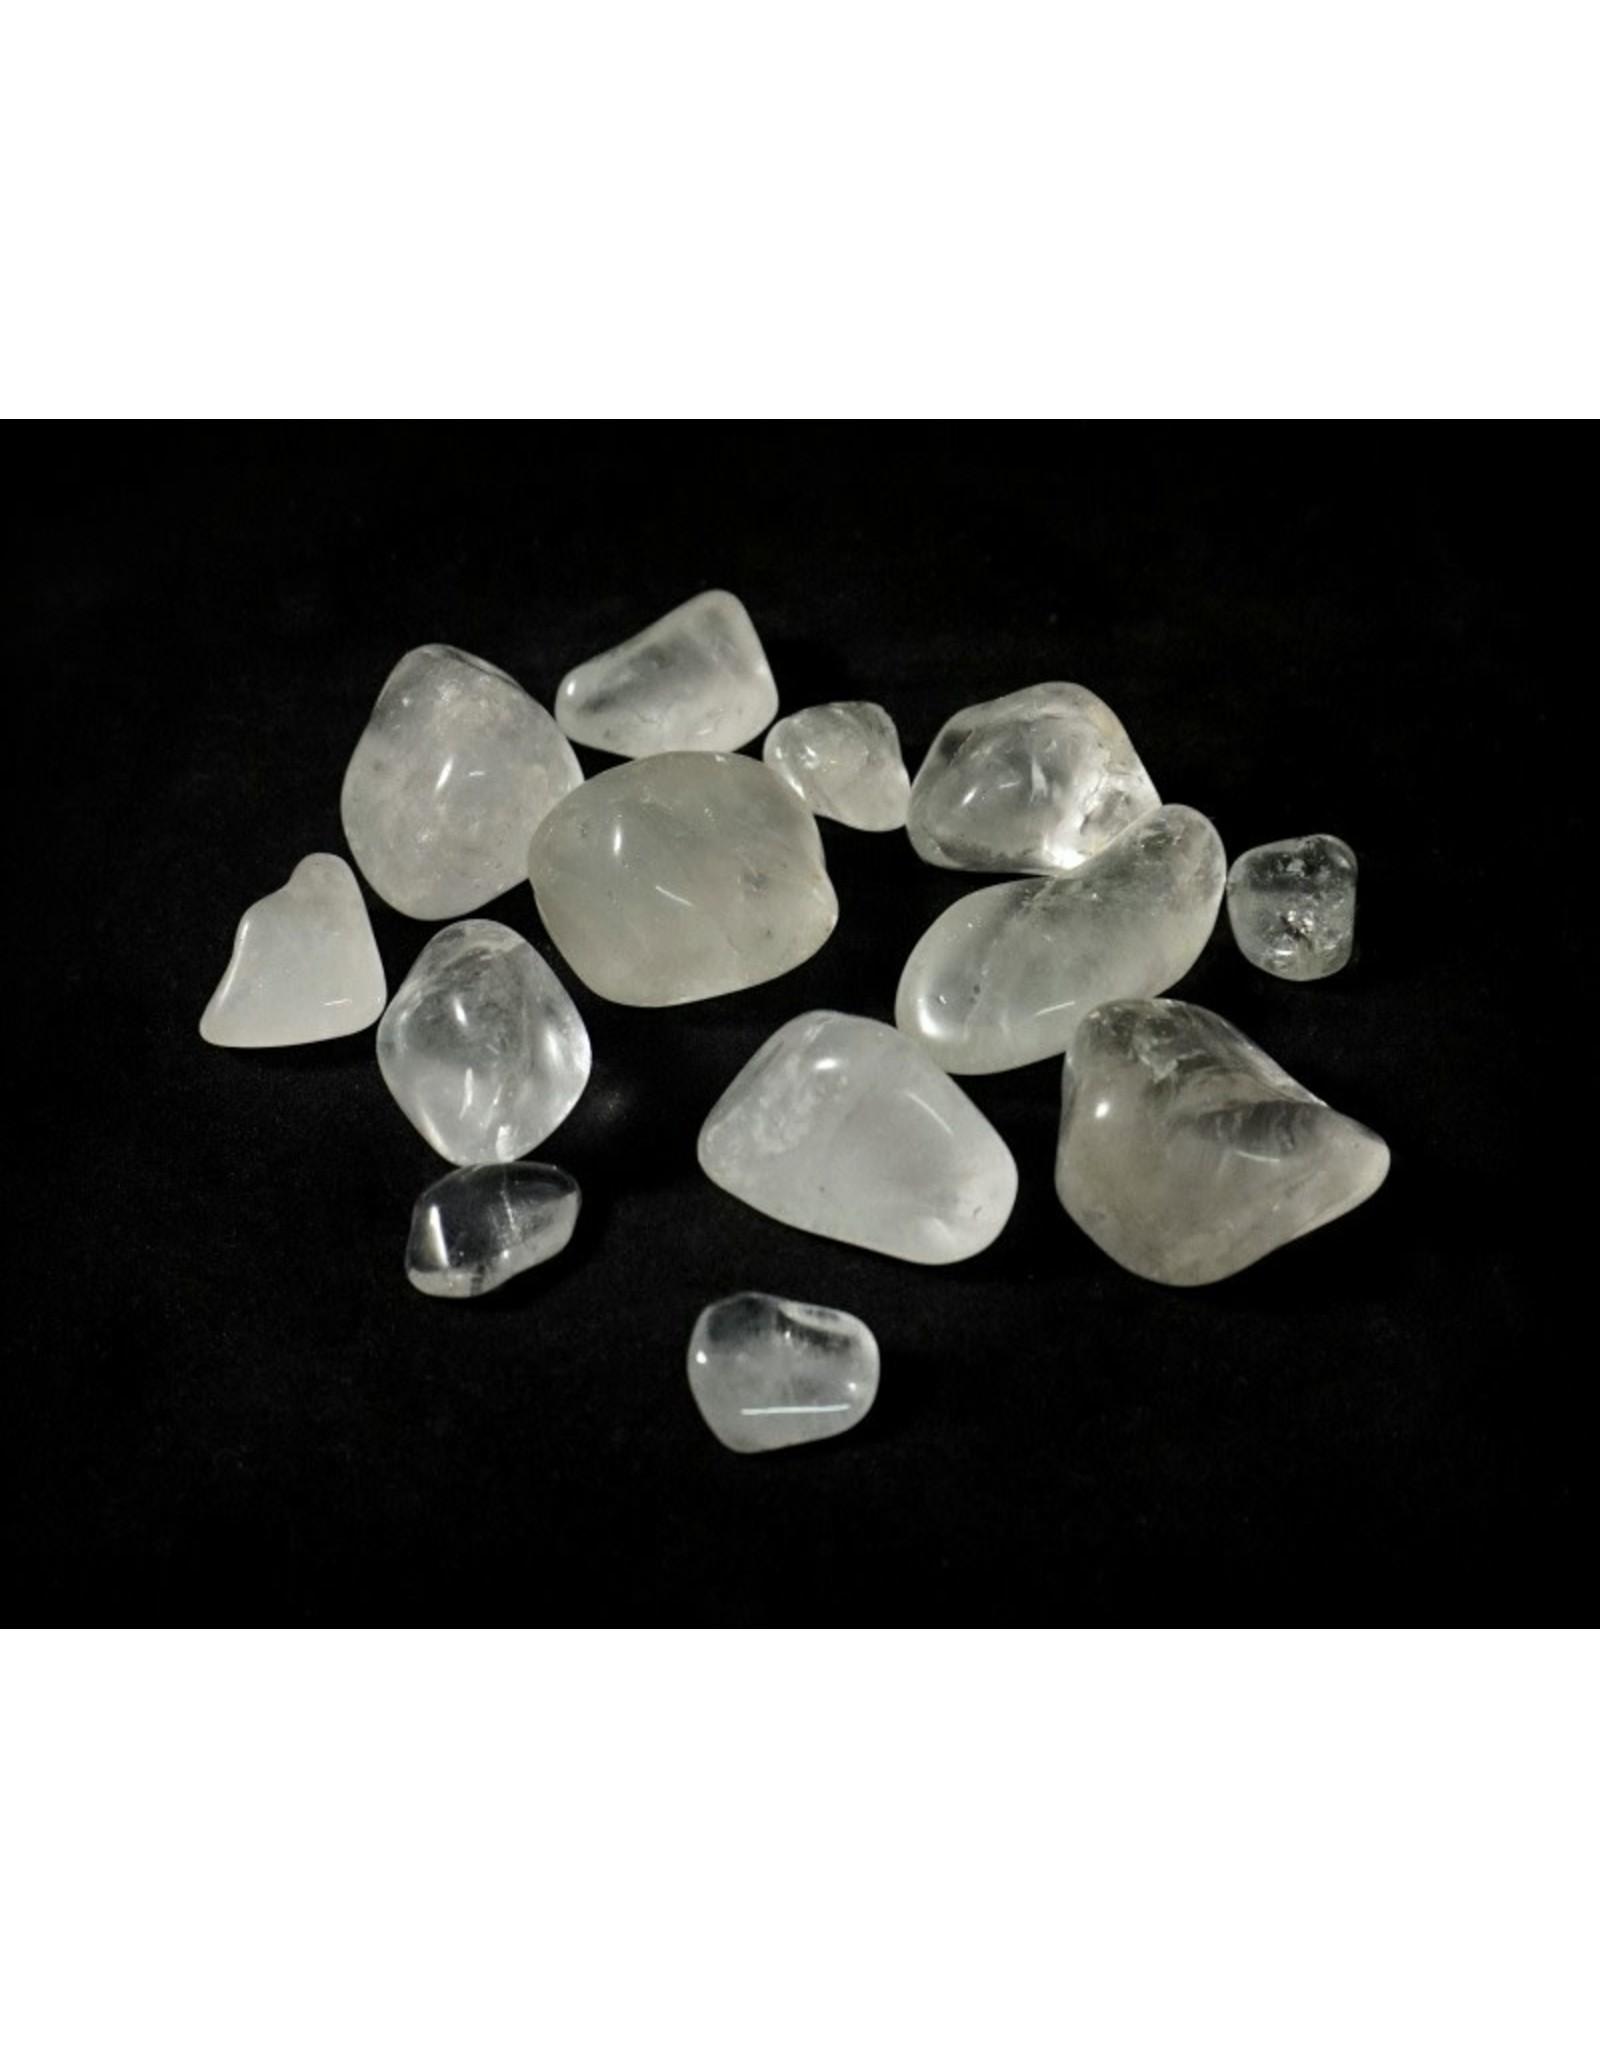 Clear Quartz Small Tumbled Stone